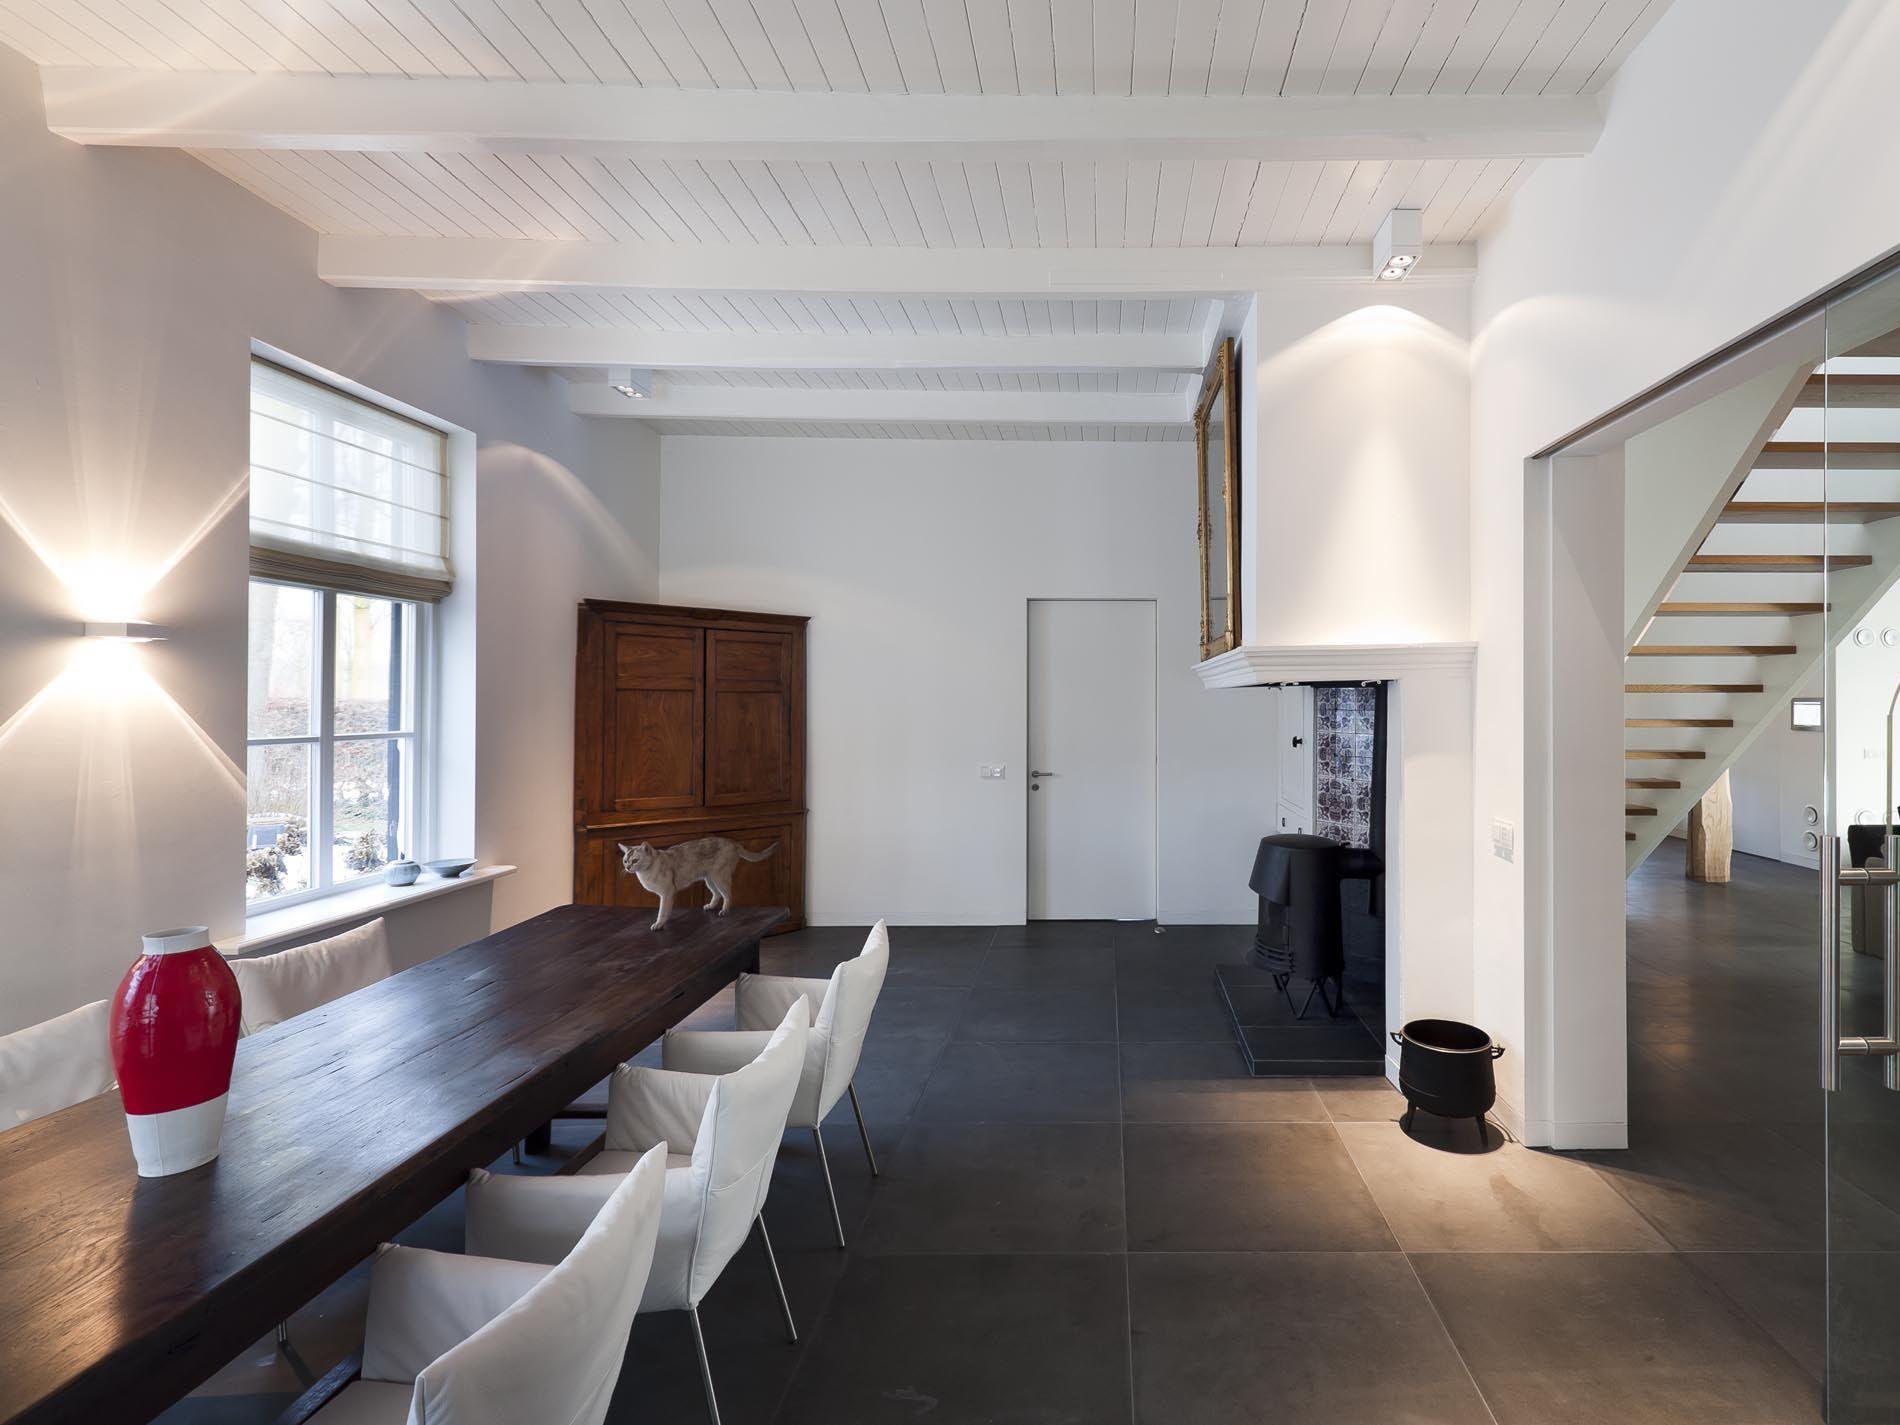 Moderne langgevelboerderij google zoeken interior dining